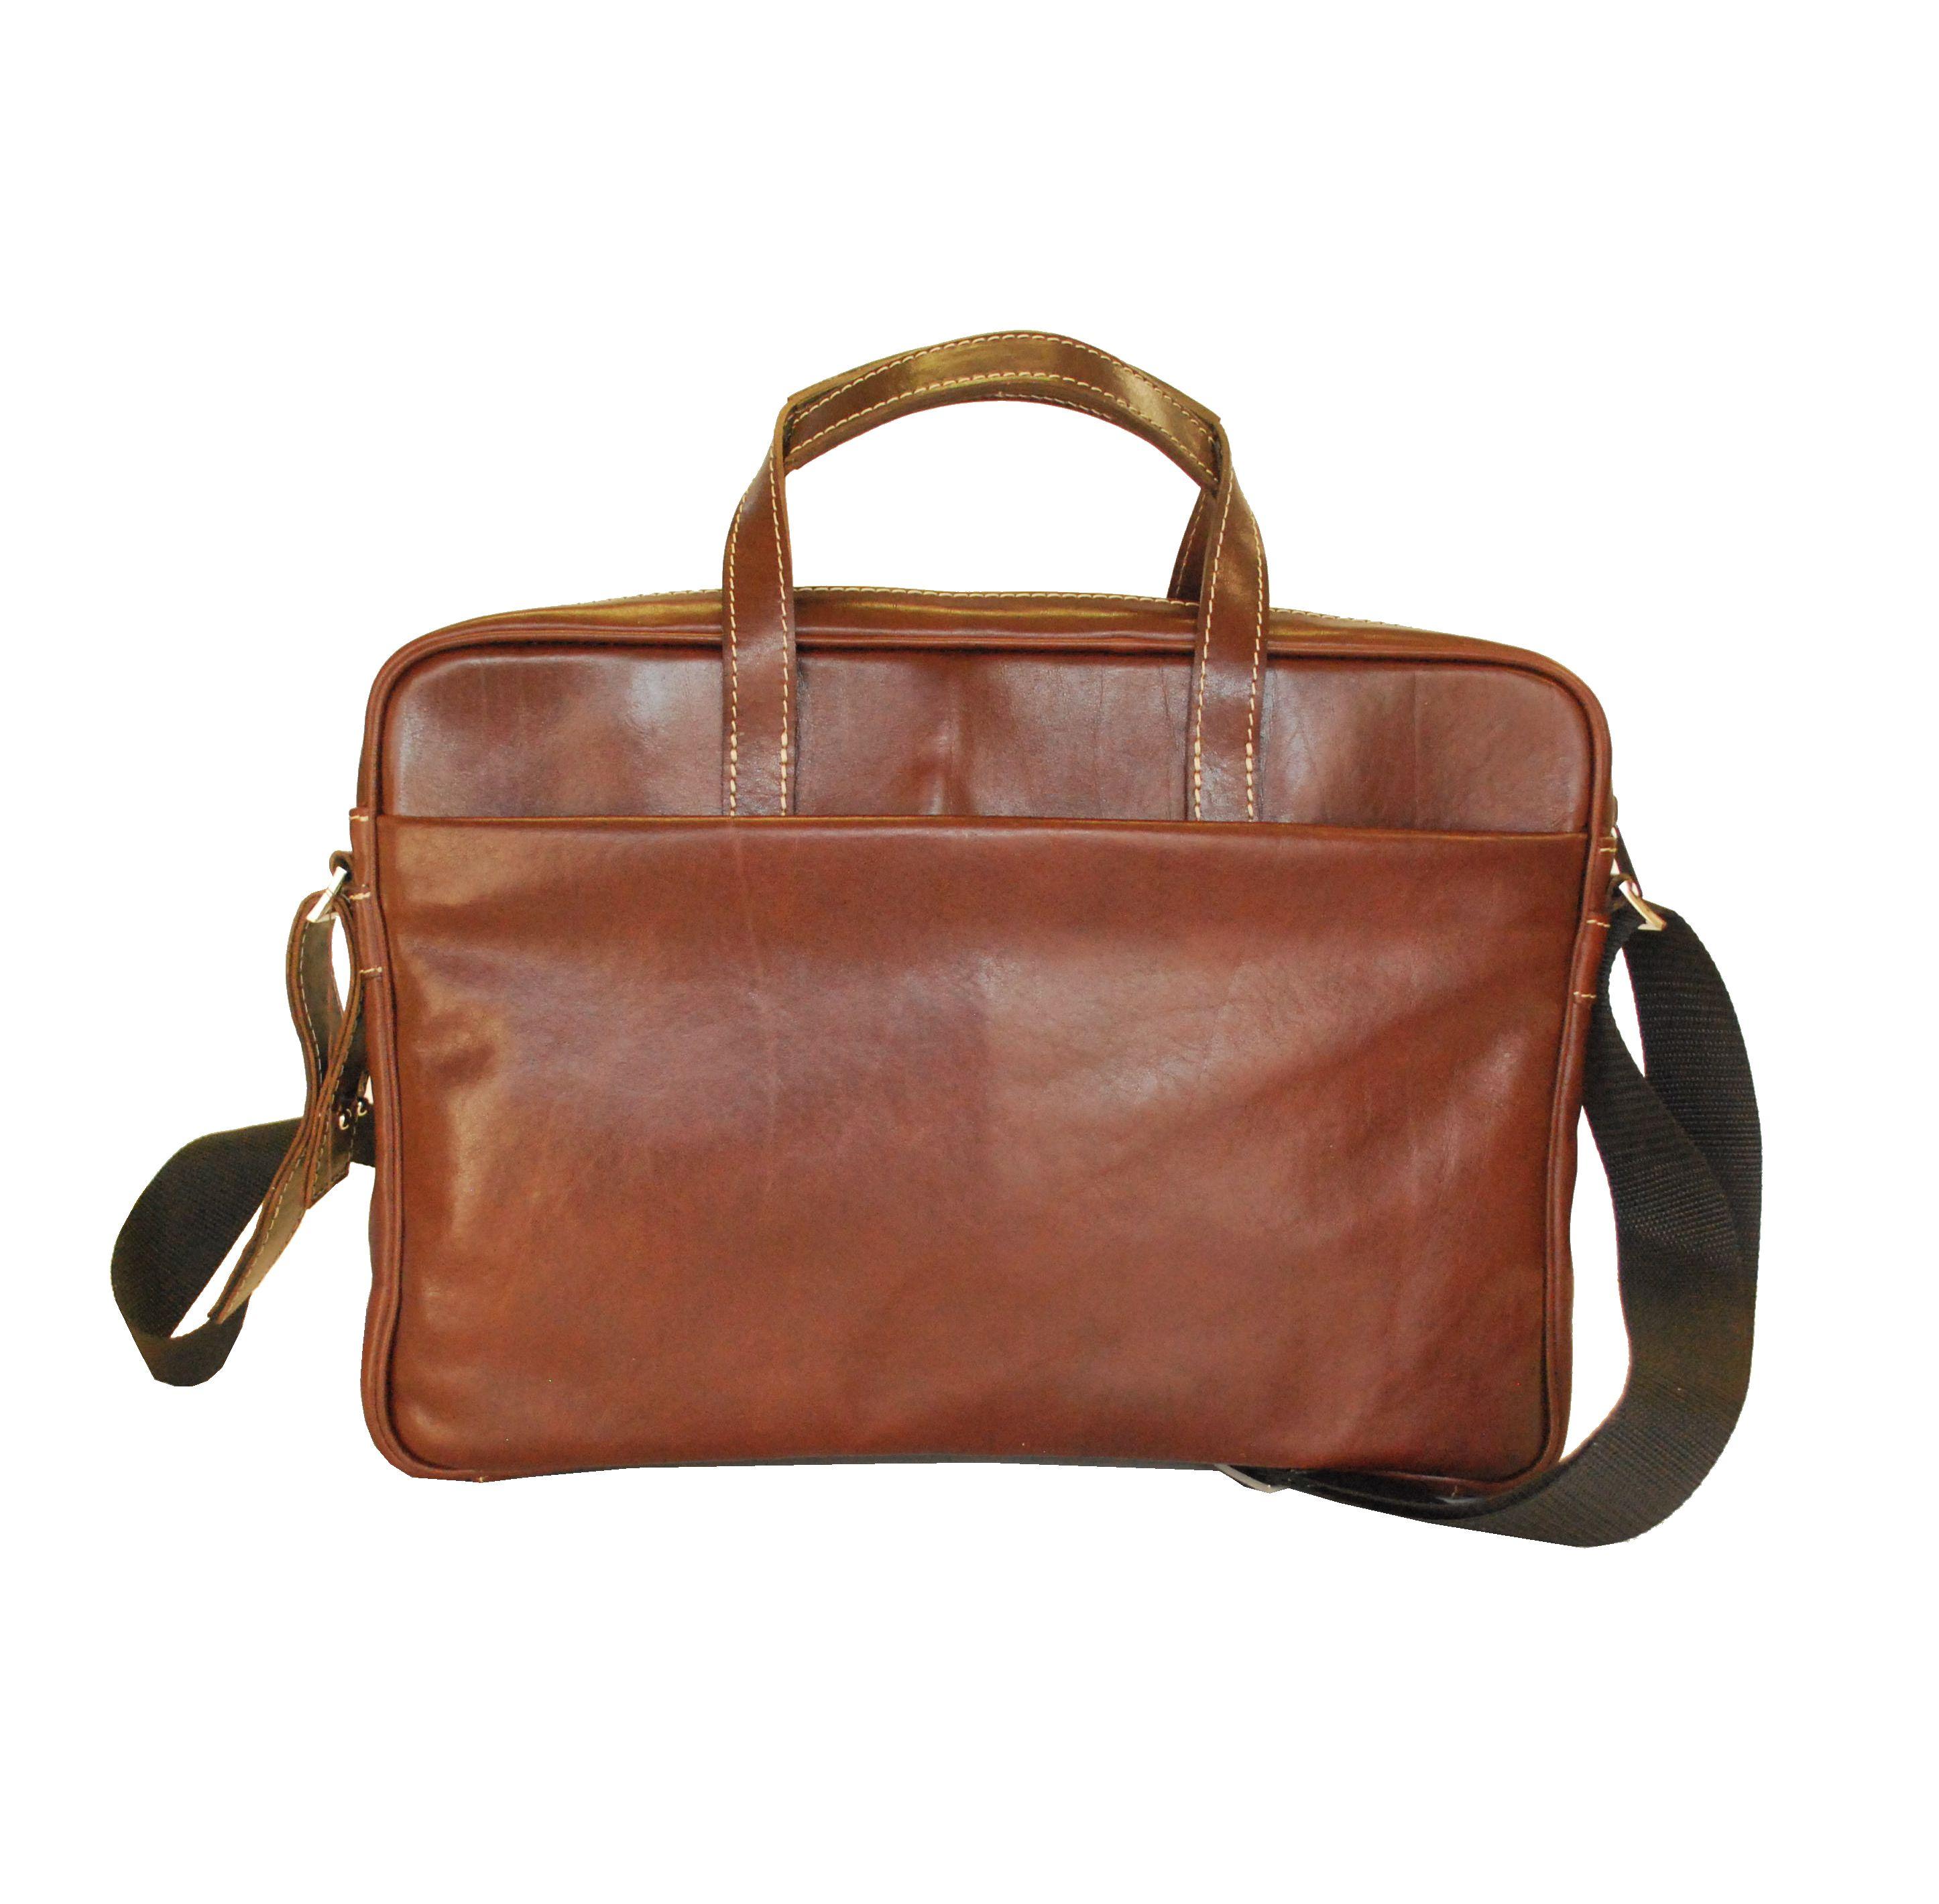 8c1bdde094 Kožená elegantná taška na notebook v hnedej farbe